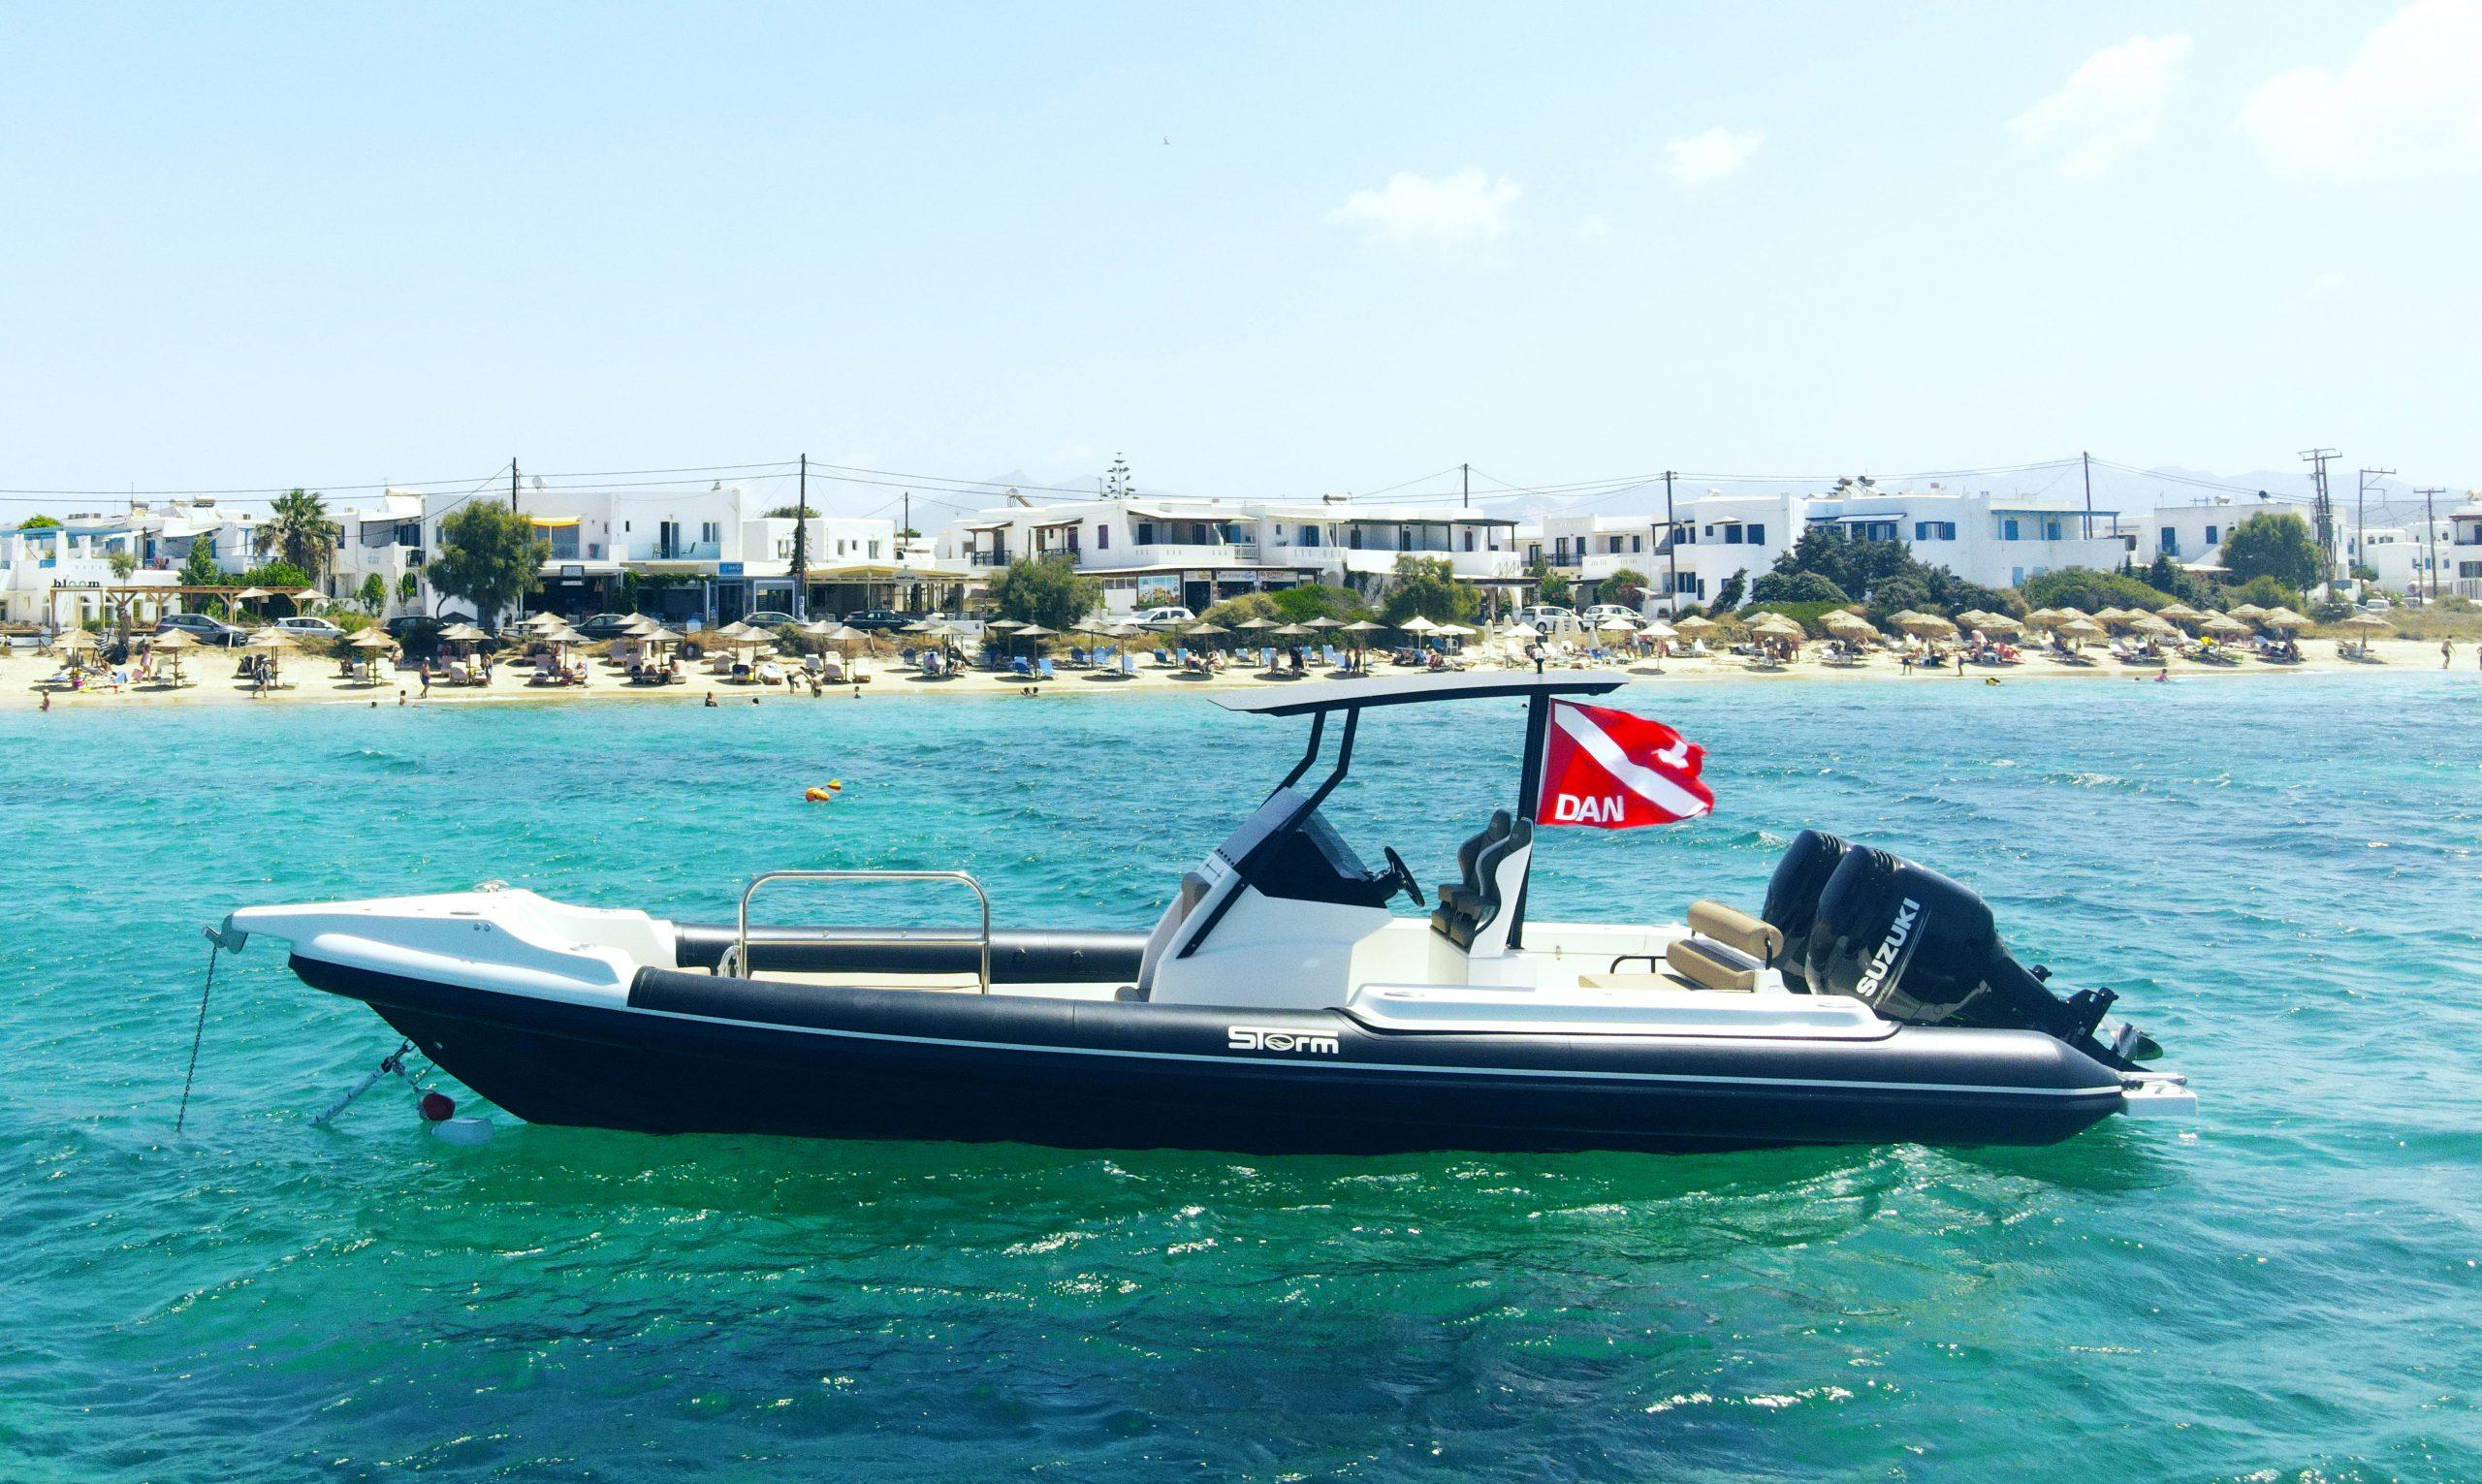 scuba diving center naxos Nima dive center scuba diving boat padi courses scuba diving lessons naxos boat diving naxos best scuba diving naxos